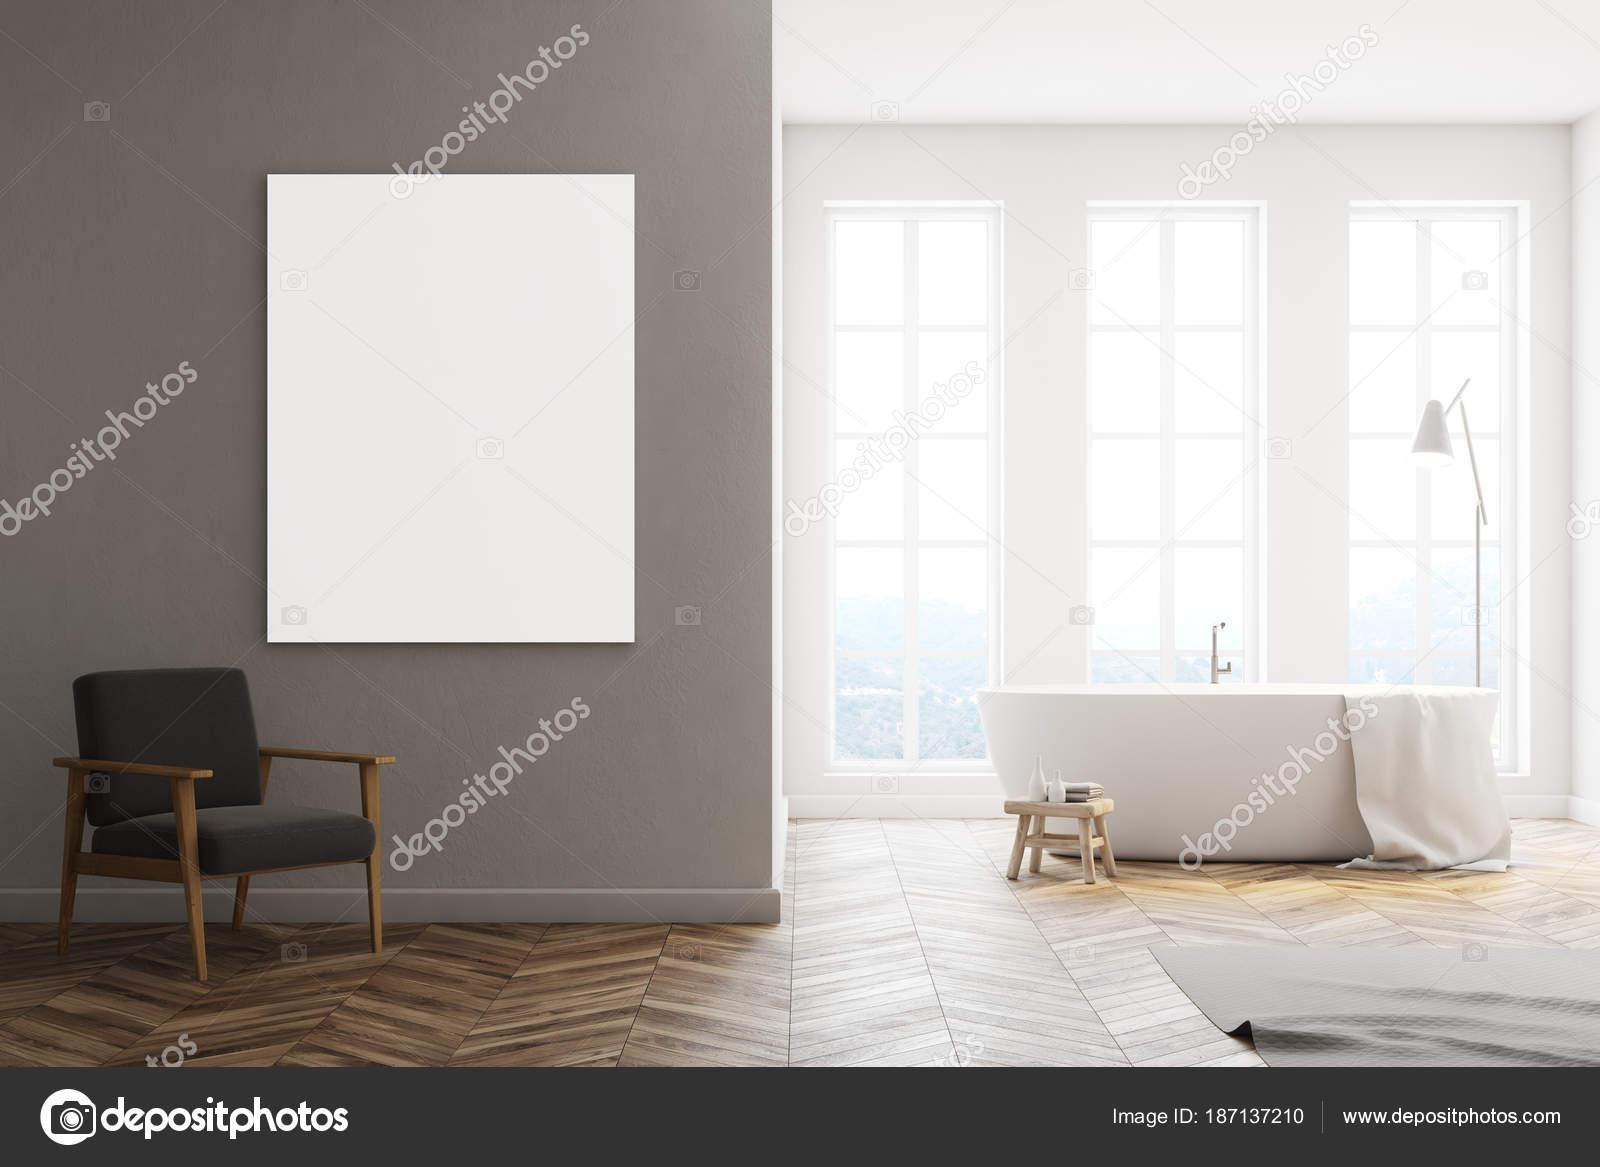 Minimalistische weiße badezimmer plakat arnchair u2014 stockfoto